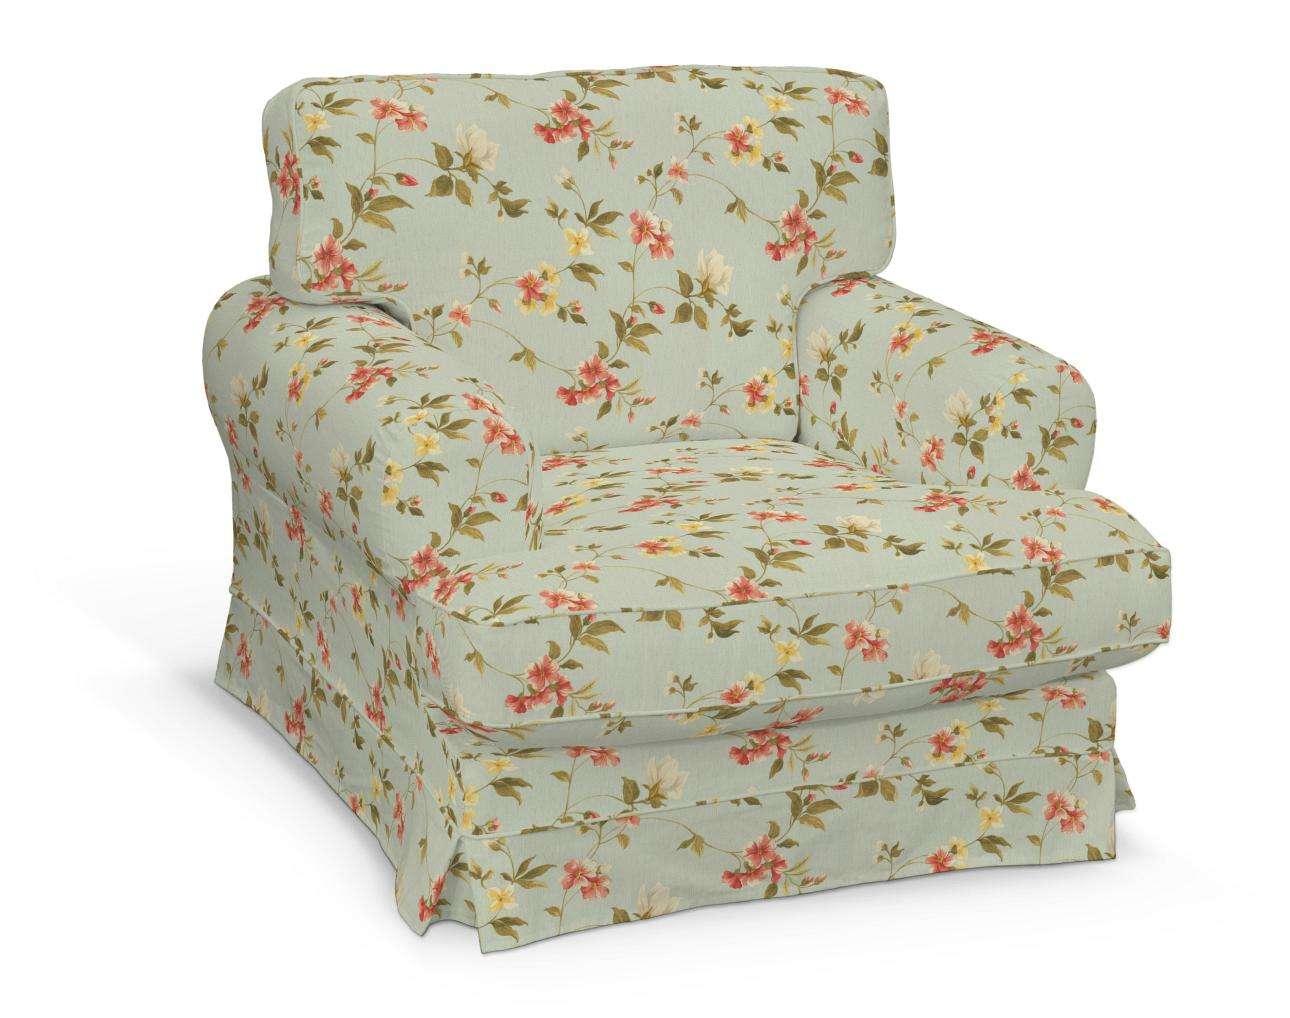 Pokrowiec na fotel Ekeskog w kolekcji Londres, tkanina: 124-65